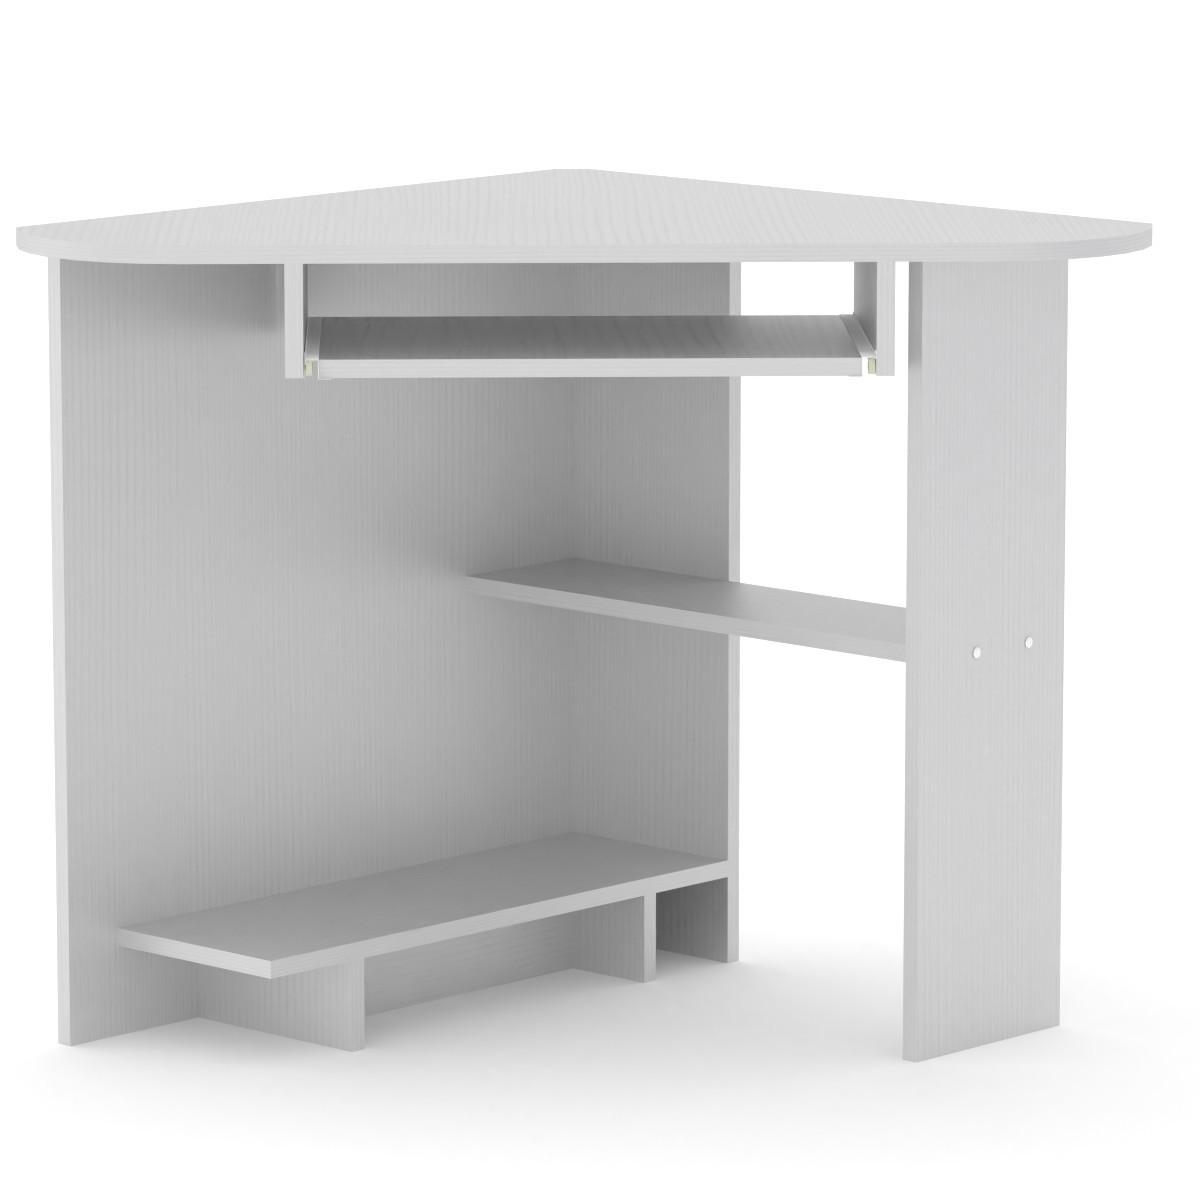 Стіл письмовий СУ-15 німфея альба (білий) Компаніт (76х76х74 см)